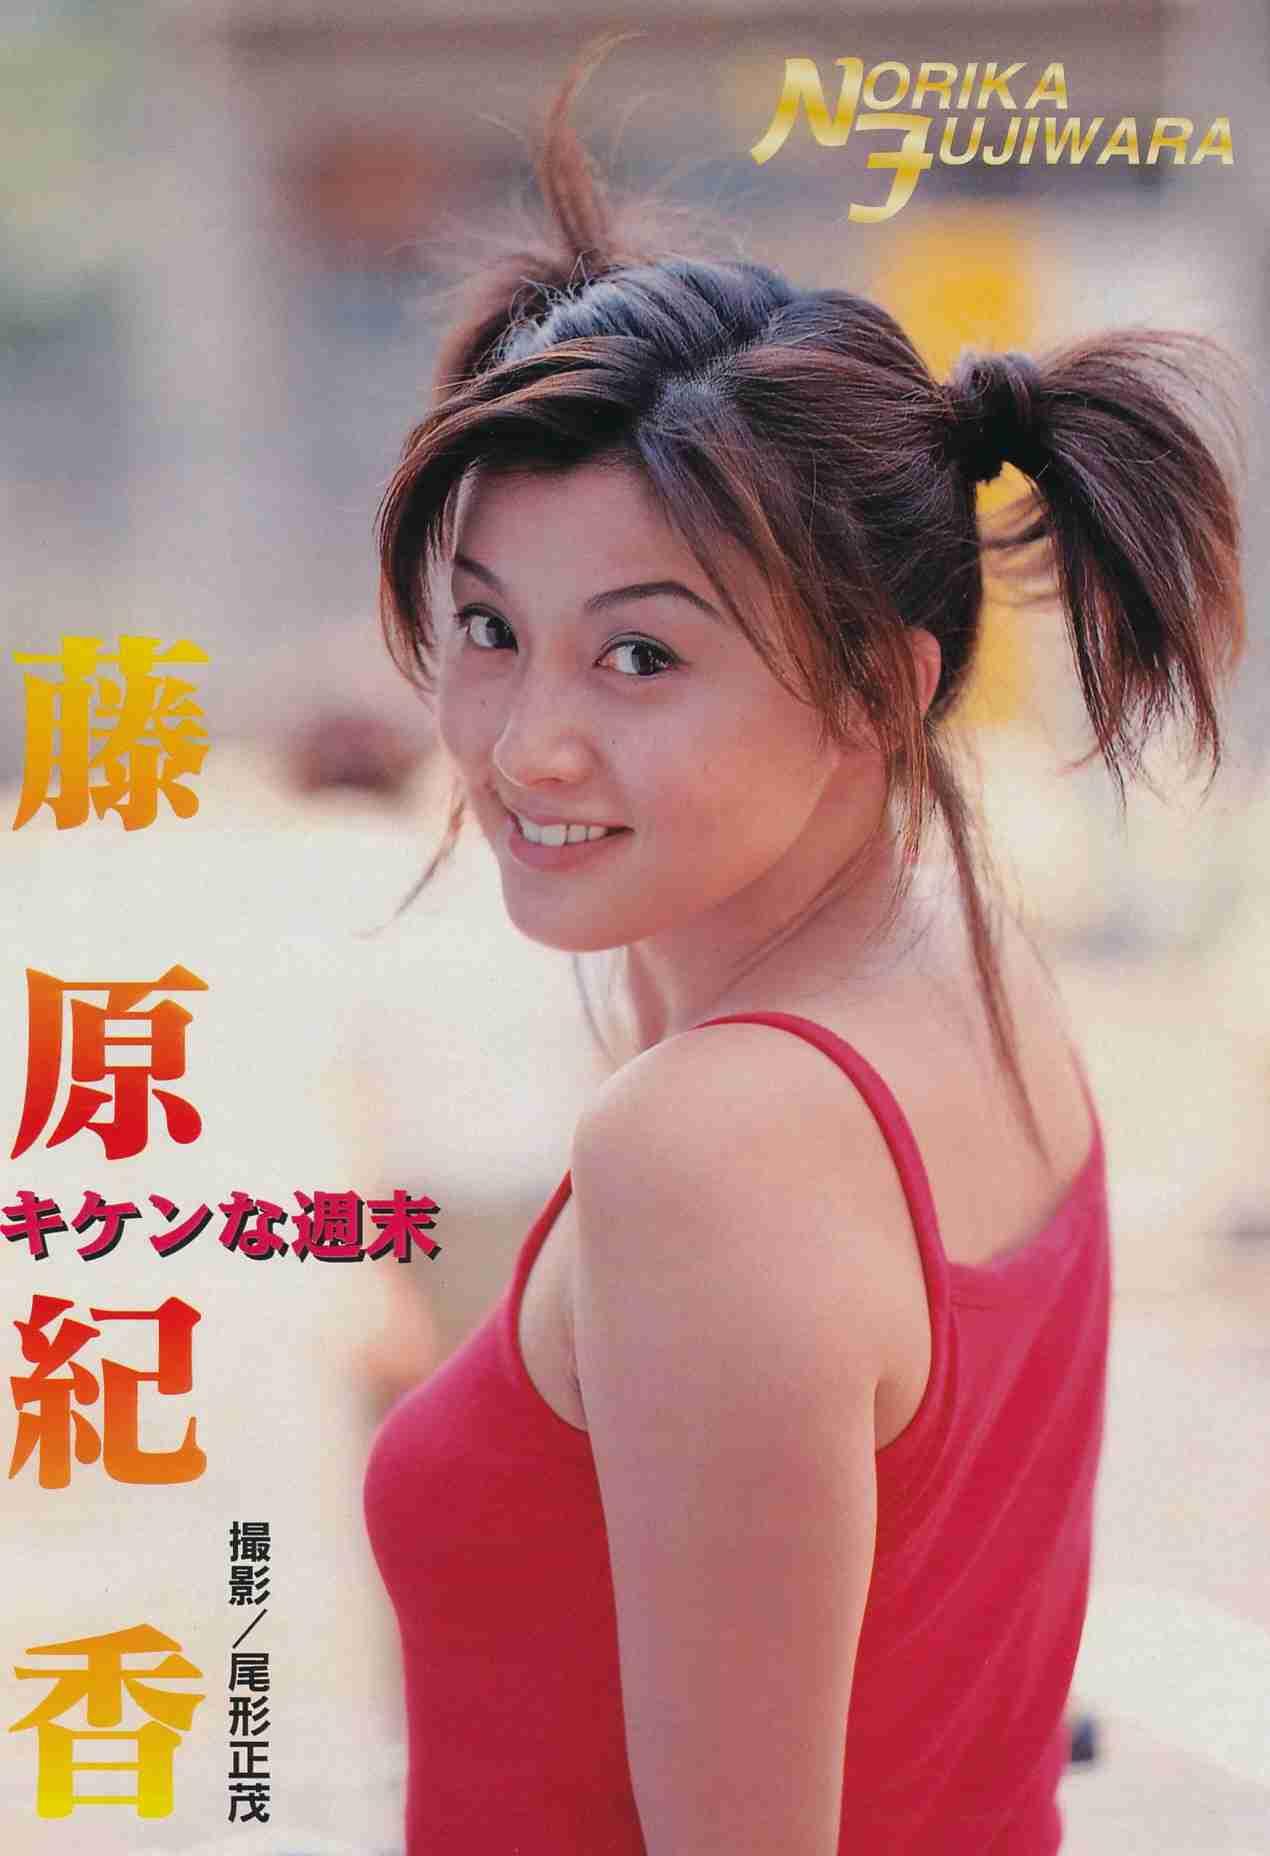 「45歳に見えない美しさ」藤原紀香が胸元を公開、久々の洋服姿にイキイキ!?